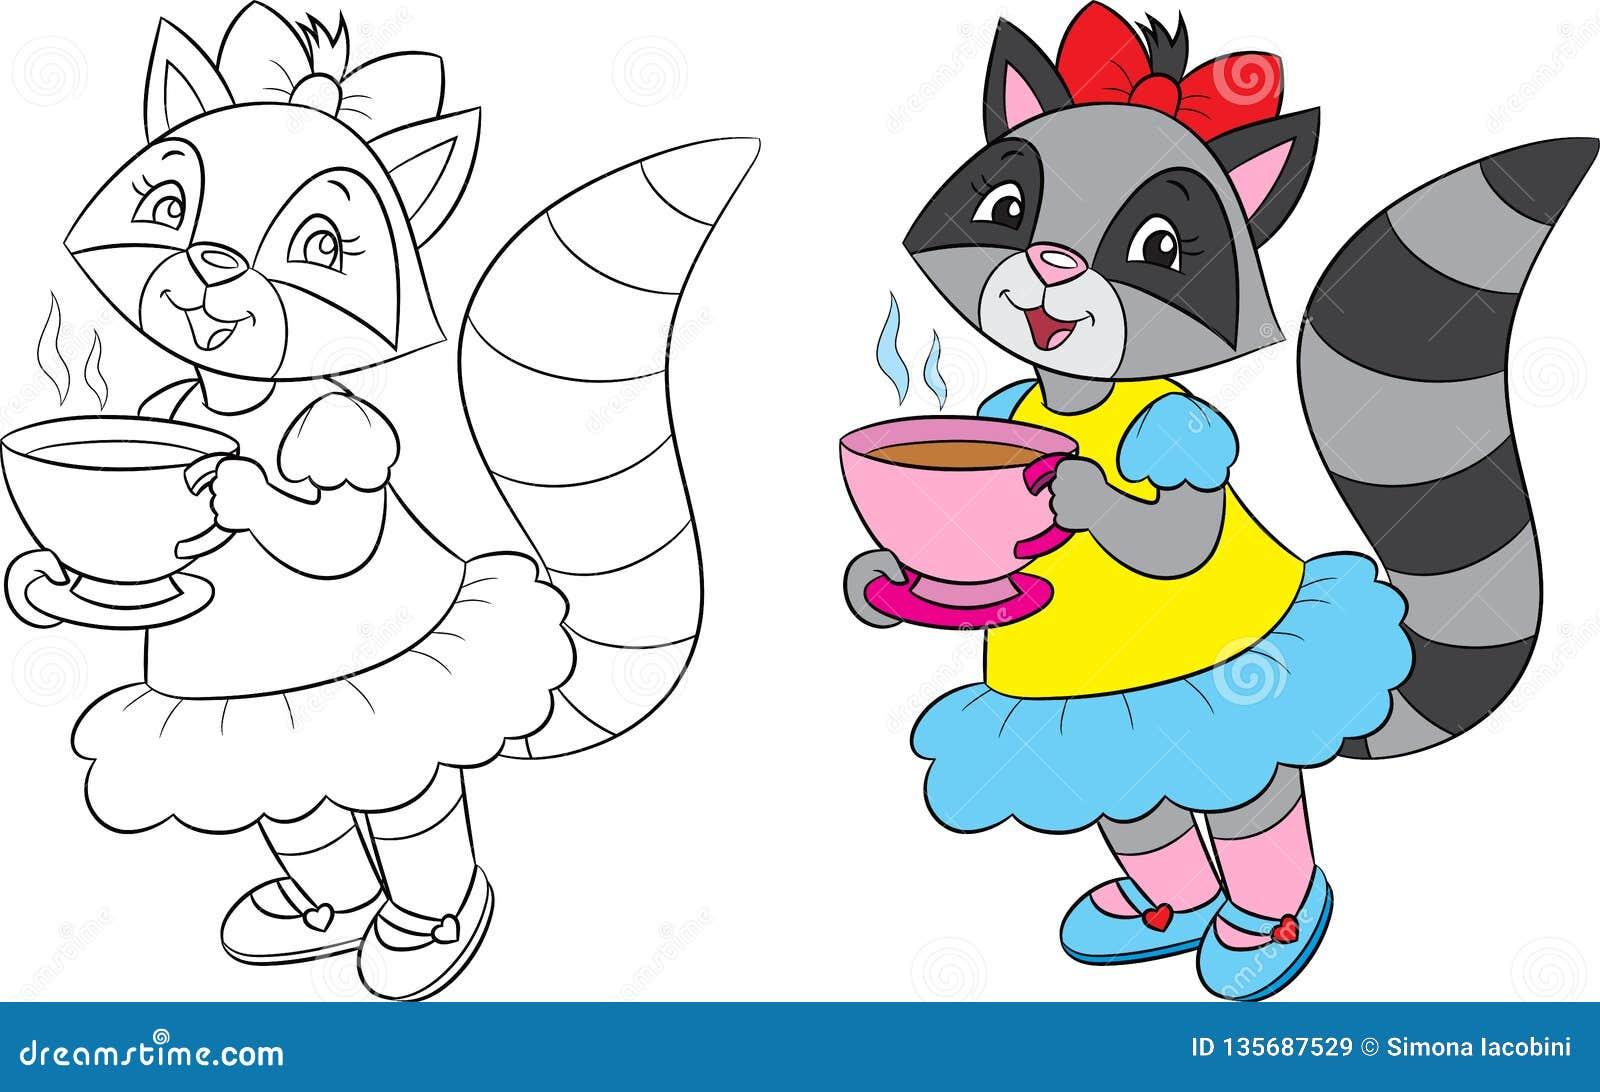 Before and after illustratie van een leuke meisjeswasbeer, het drinken thee, in zwart-wit en in kleur, voor het kleuren van boek